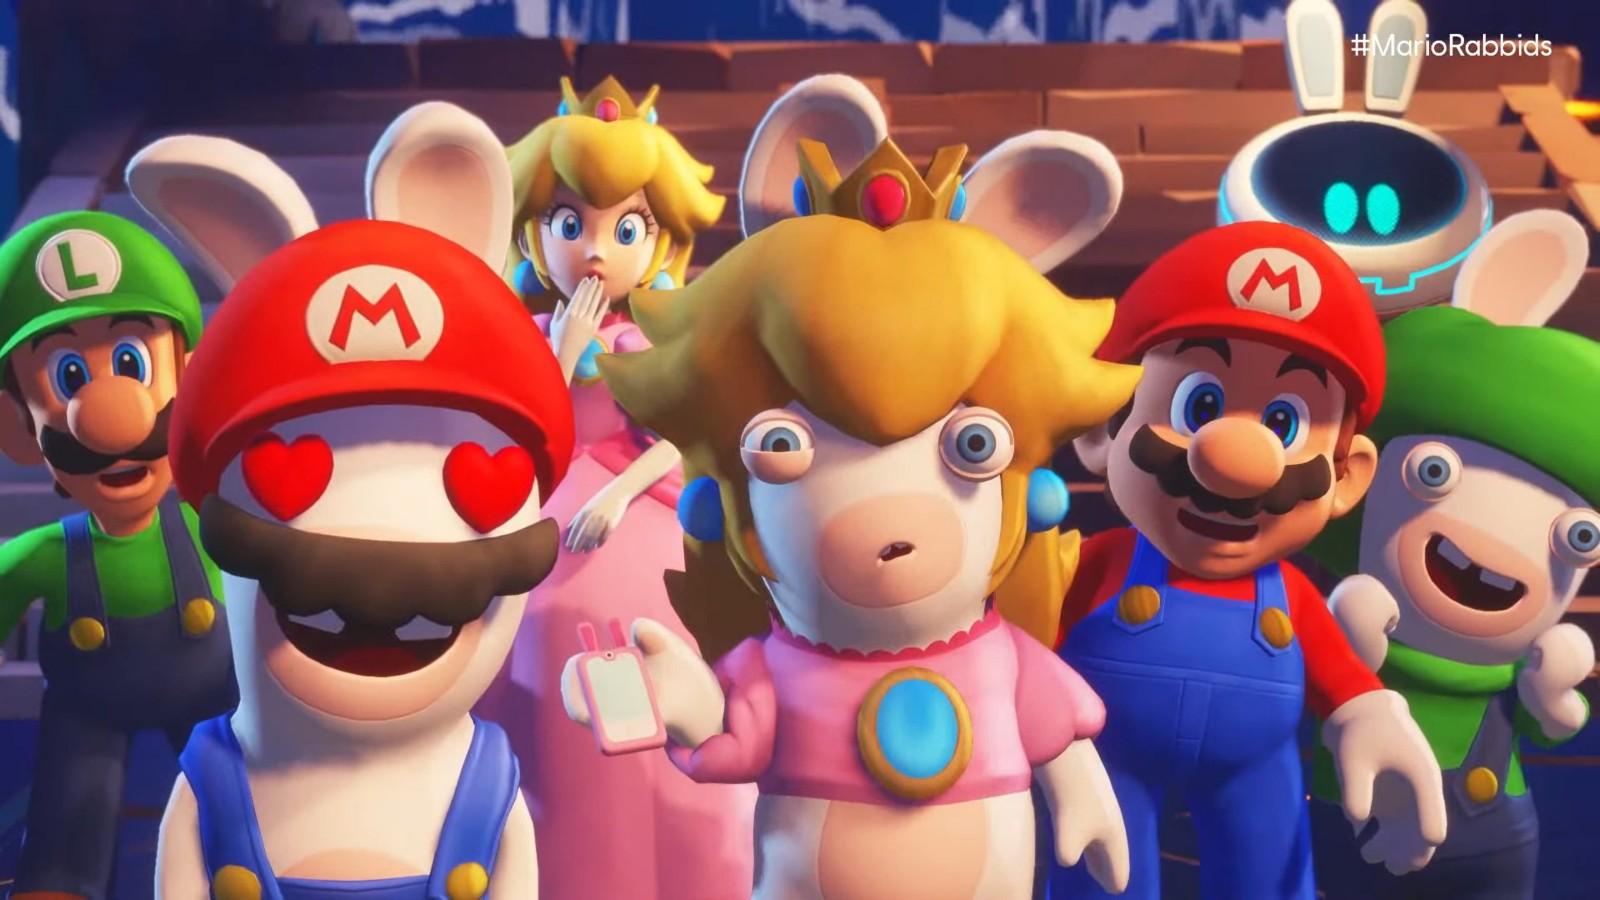 《马里奥和疯狂兔子:星耀之愿》开发团队近300人